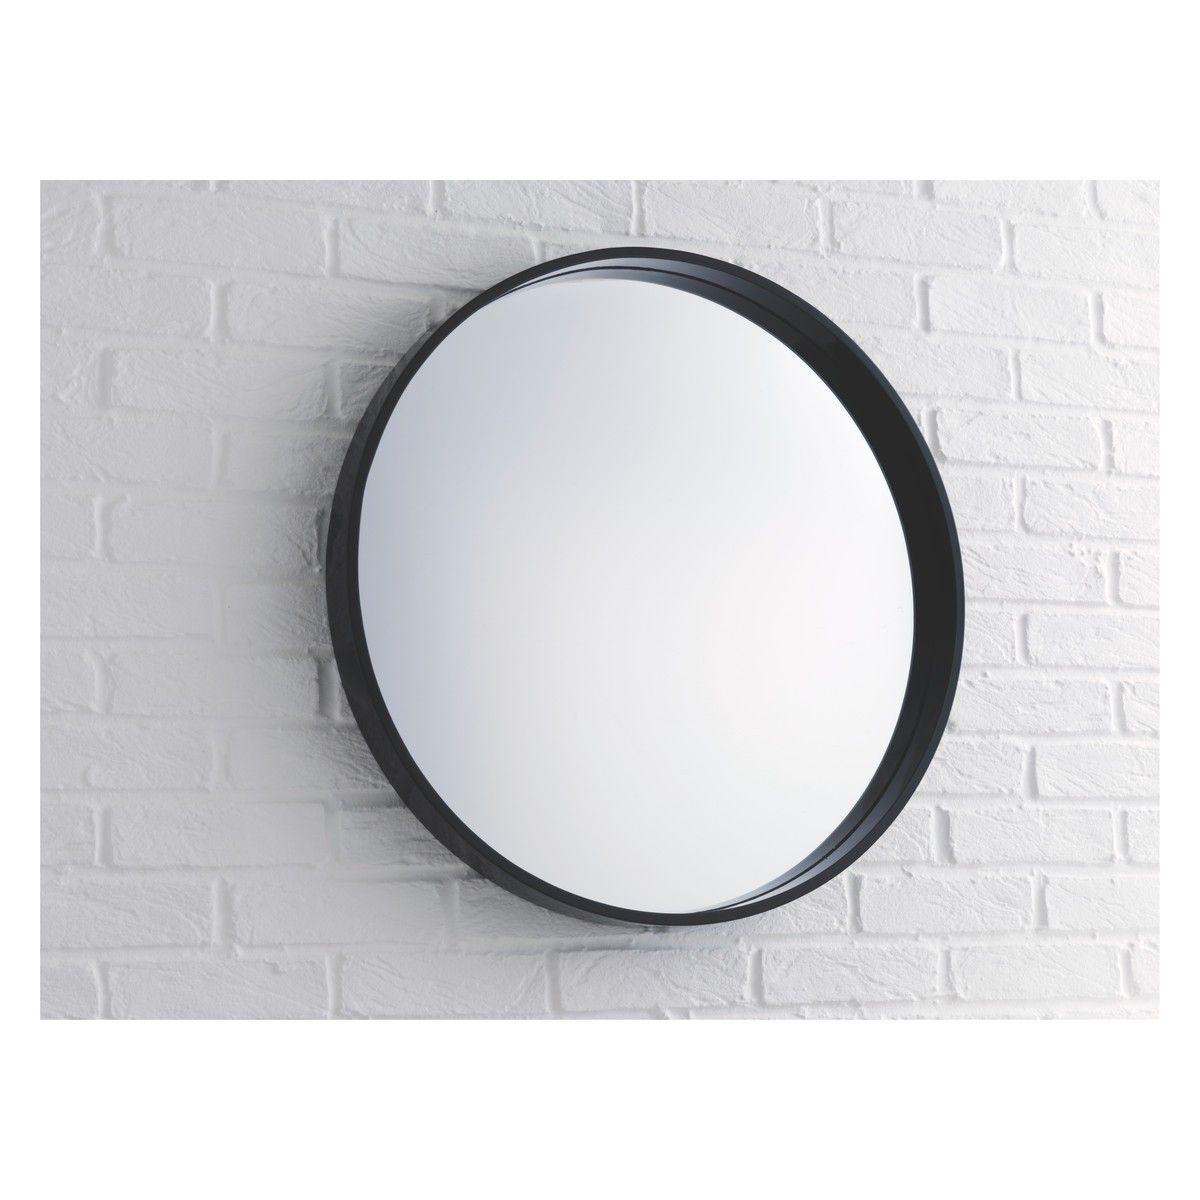 Aimee Black High Gloss Round Wall Mirror D65cm Round Wall Mirror